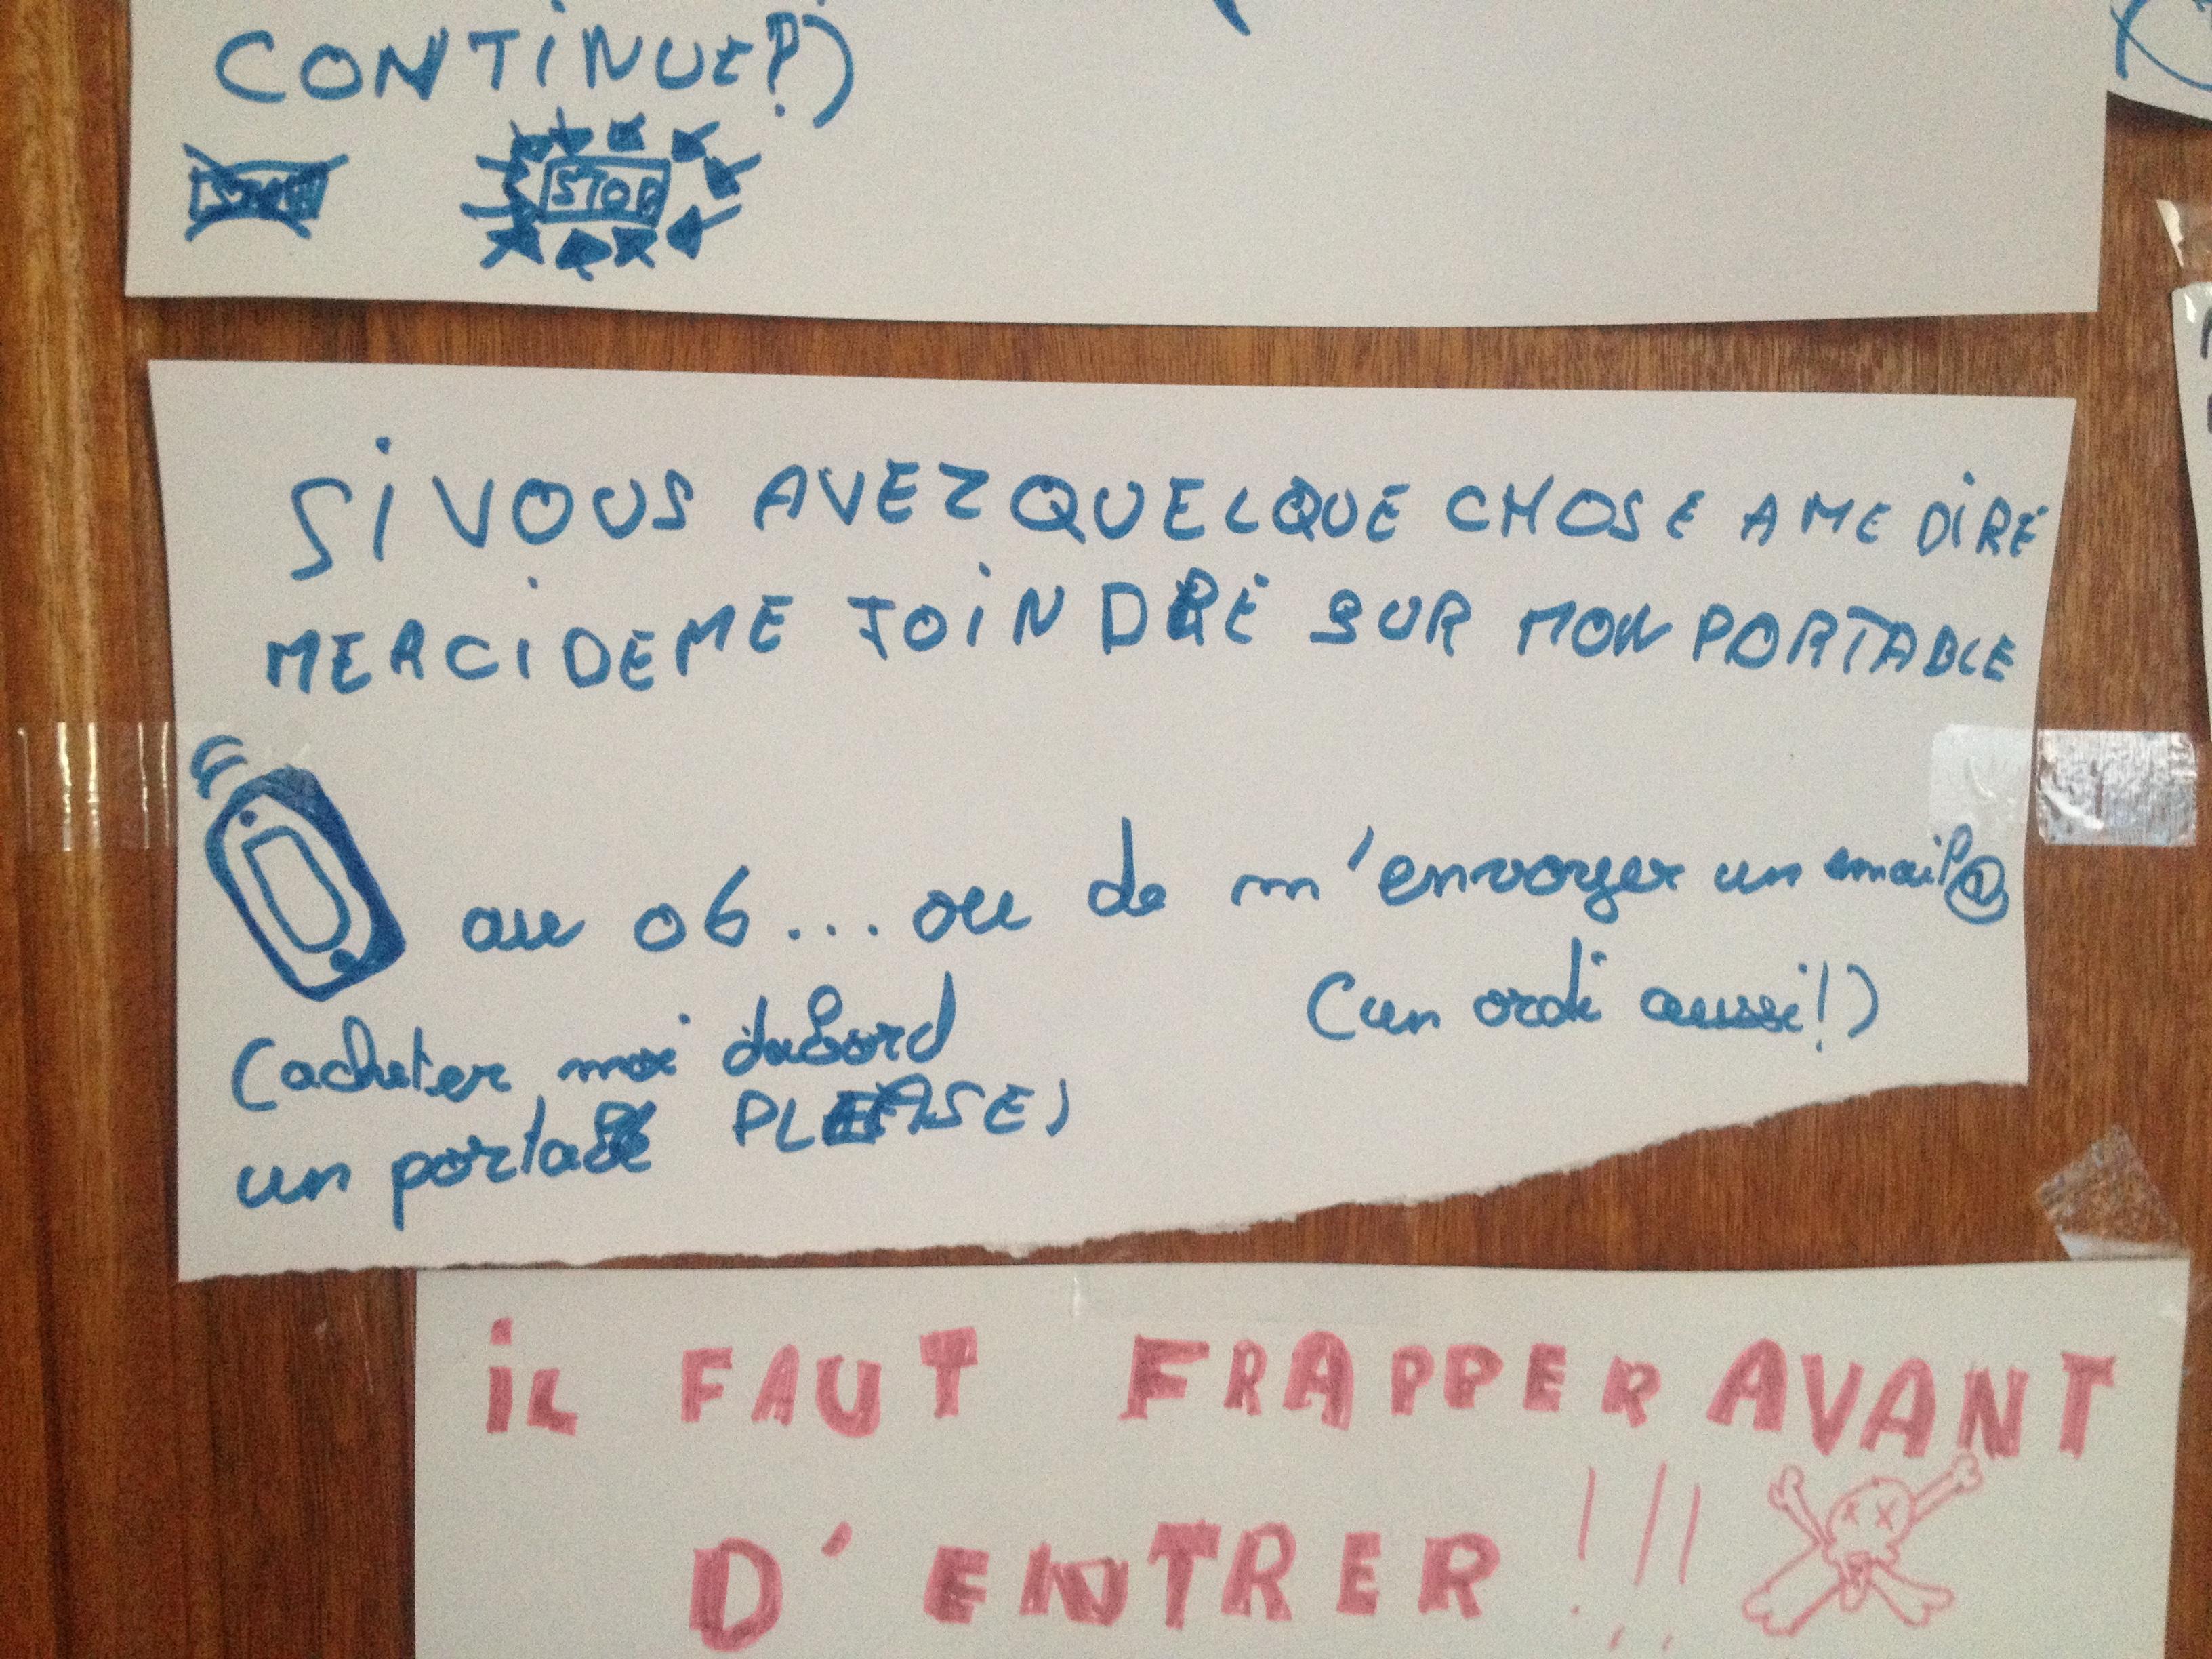 Comment Faire Pour Demander L Arr Ef Bf Bdt De La Caf